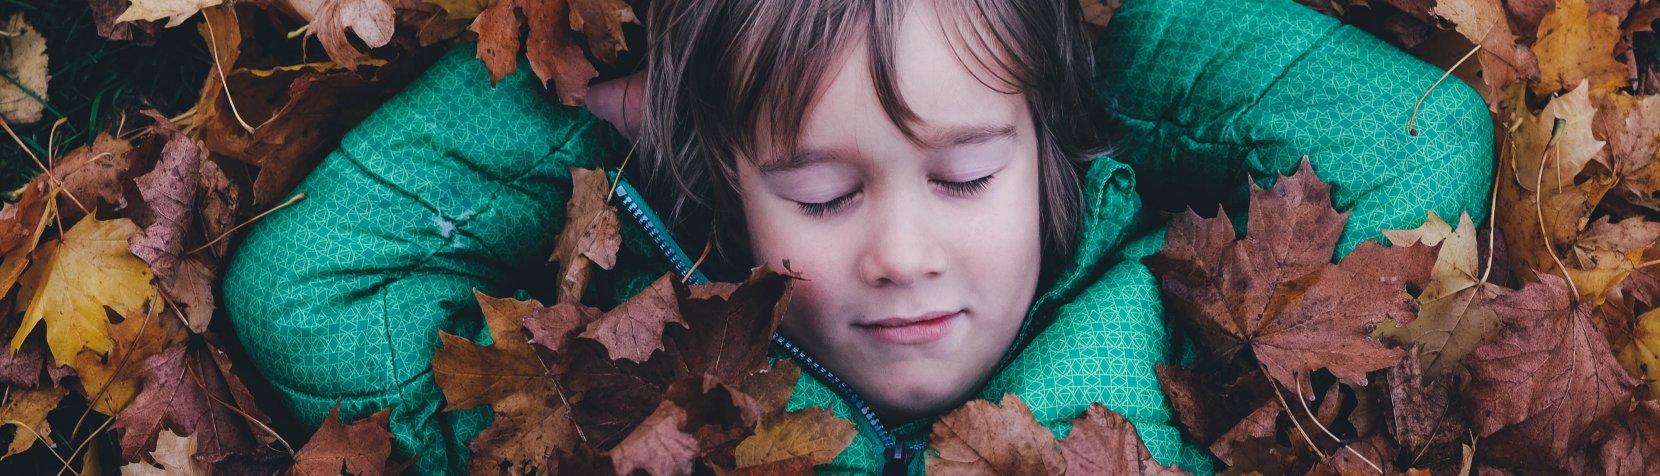 Foto: Efterårsferie - dreng i blade